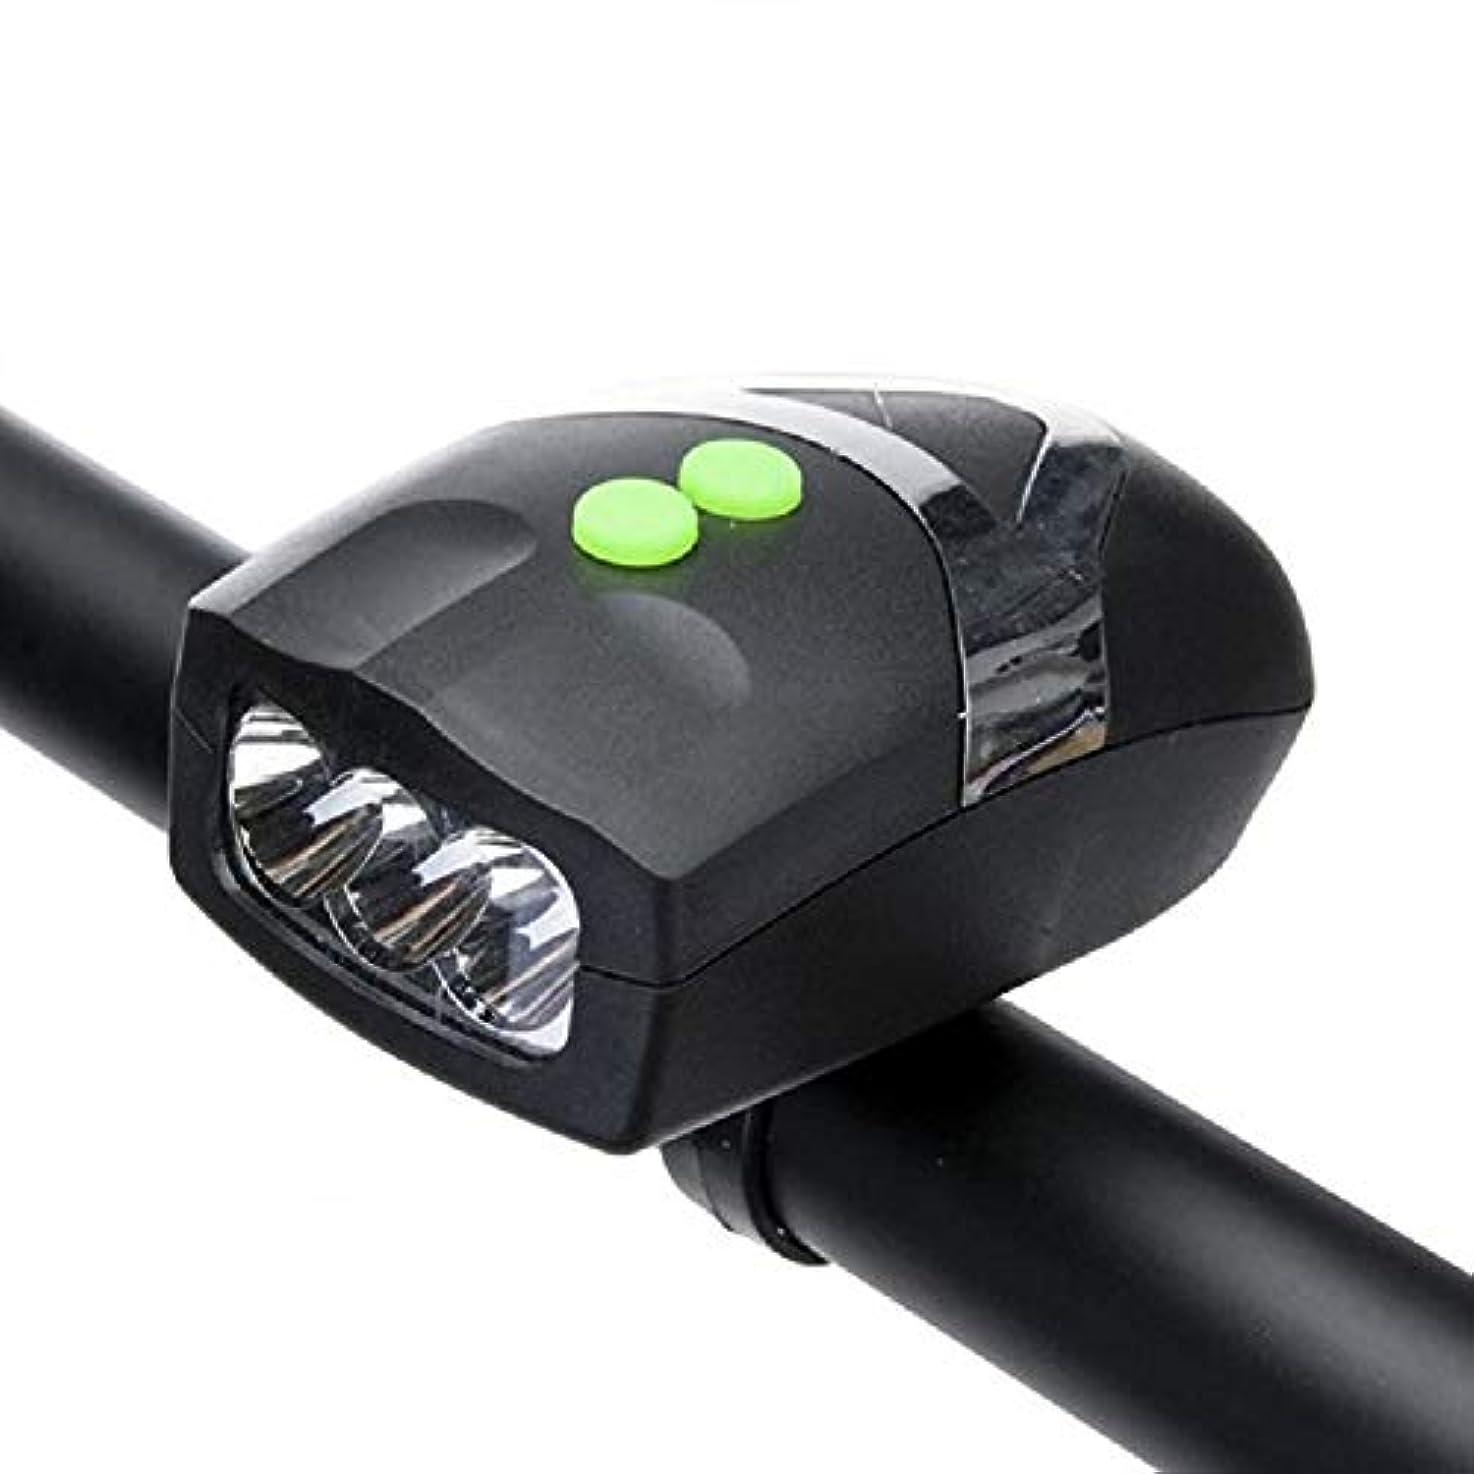 青写真酔ったジレンマ充電式自転車ライト 自転車ライトセット、300LM防水フロントヘッドライト付き充電式自転車ライト、調整可能な照明モード、ロード&マウンテン用サイクリングライト - フィットするのは簡単 (Color : Black)